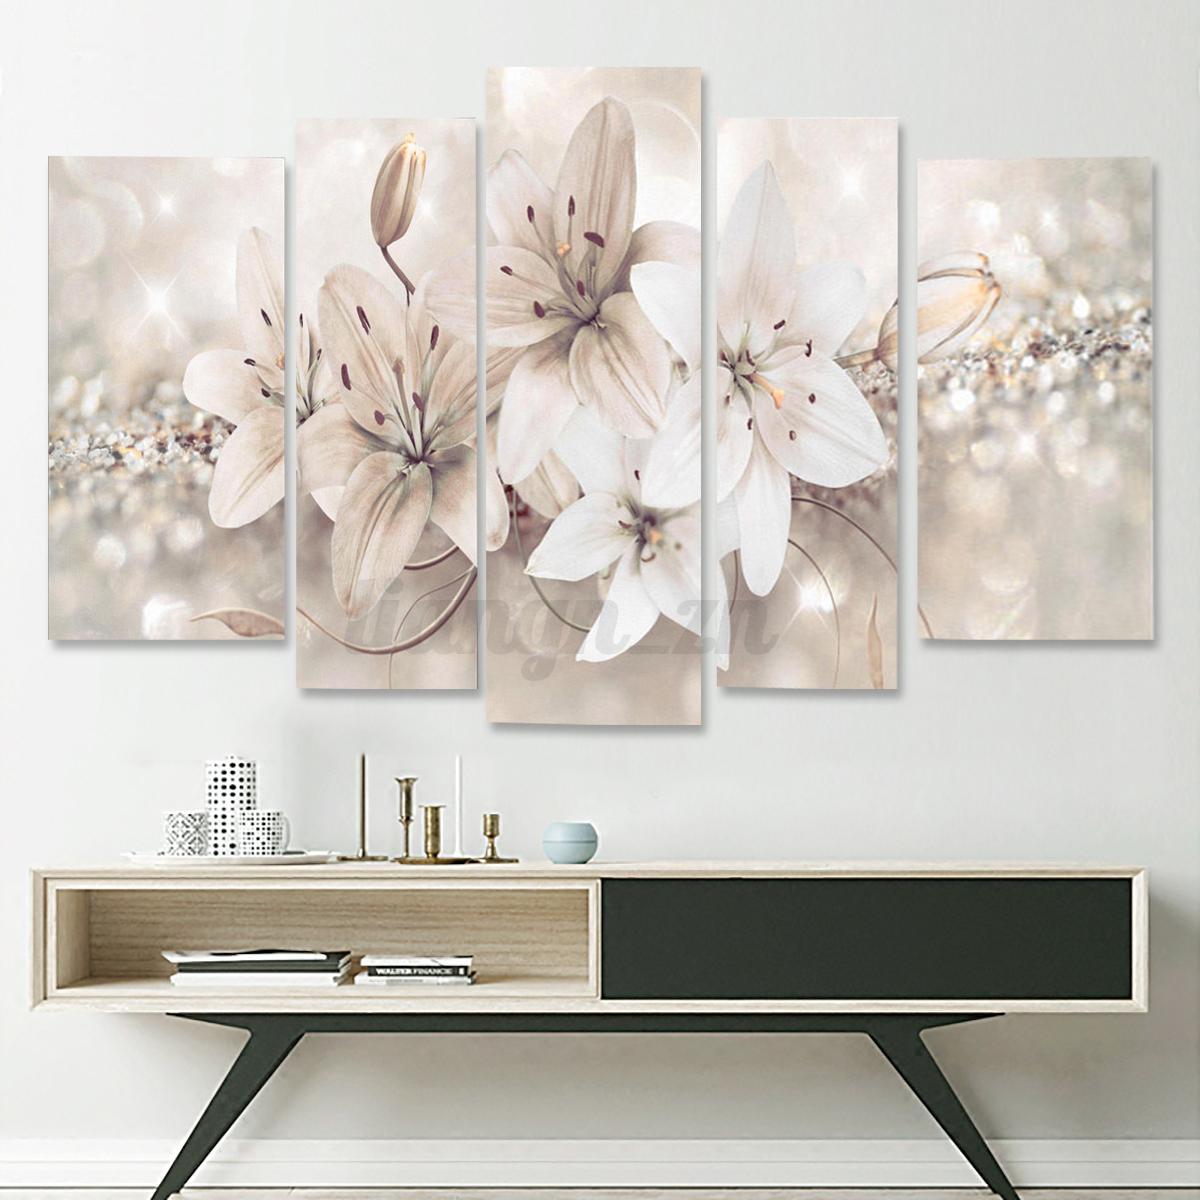 5pcs peinture l 39 huile tableau lis fleur abstraite - Tableau moderne salon ...